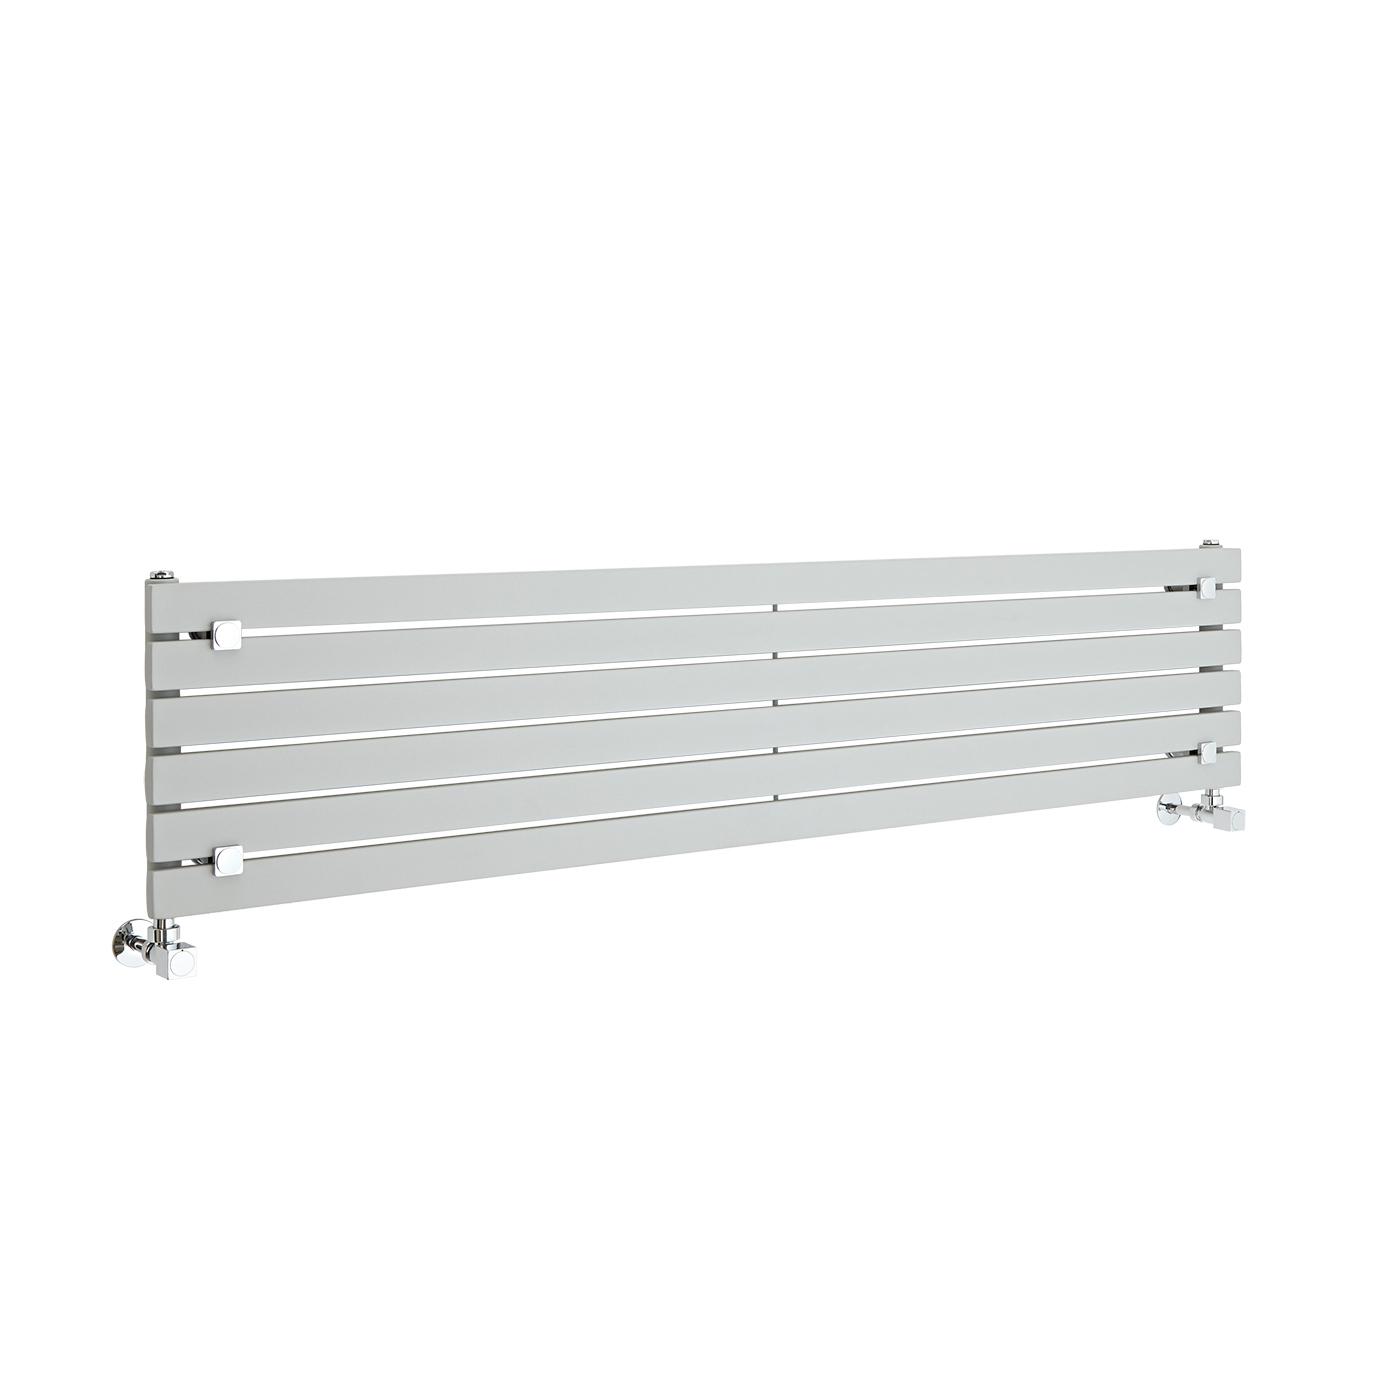 Design Heizkörper Horizontal Einlagig Silber 354mm x 1600mm 773W - Sloane